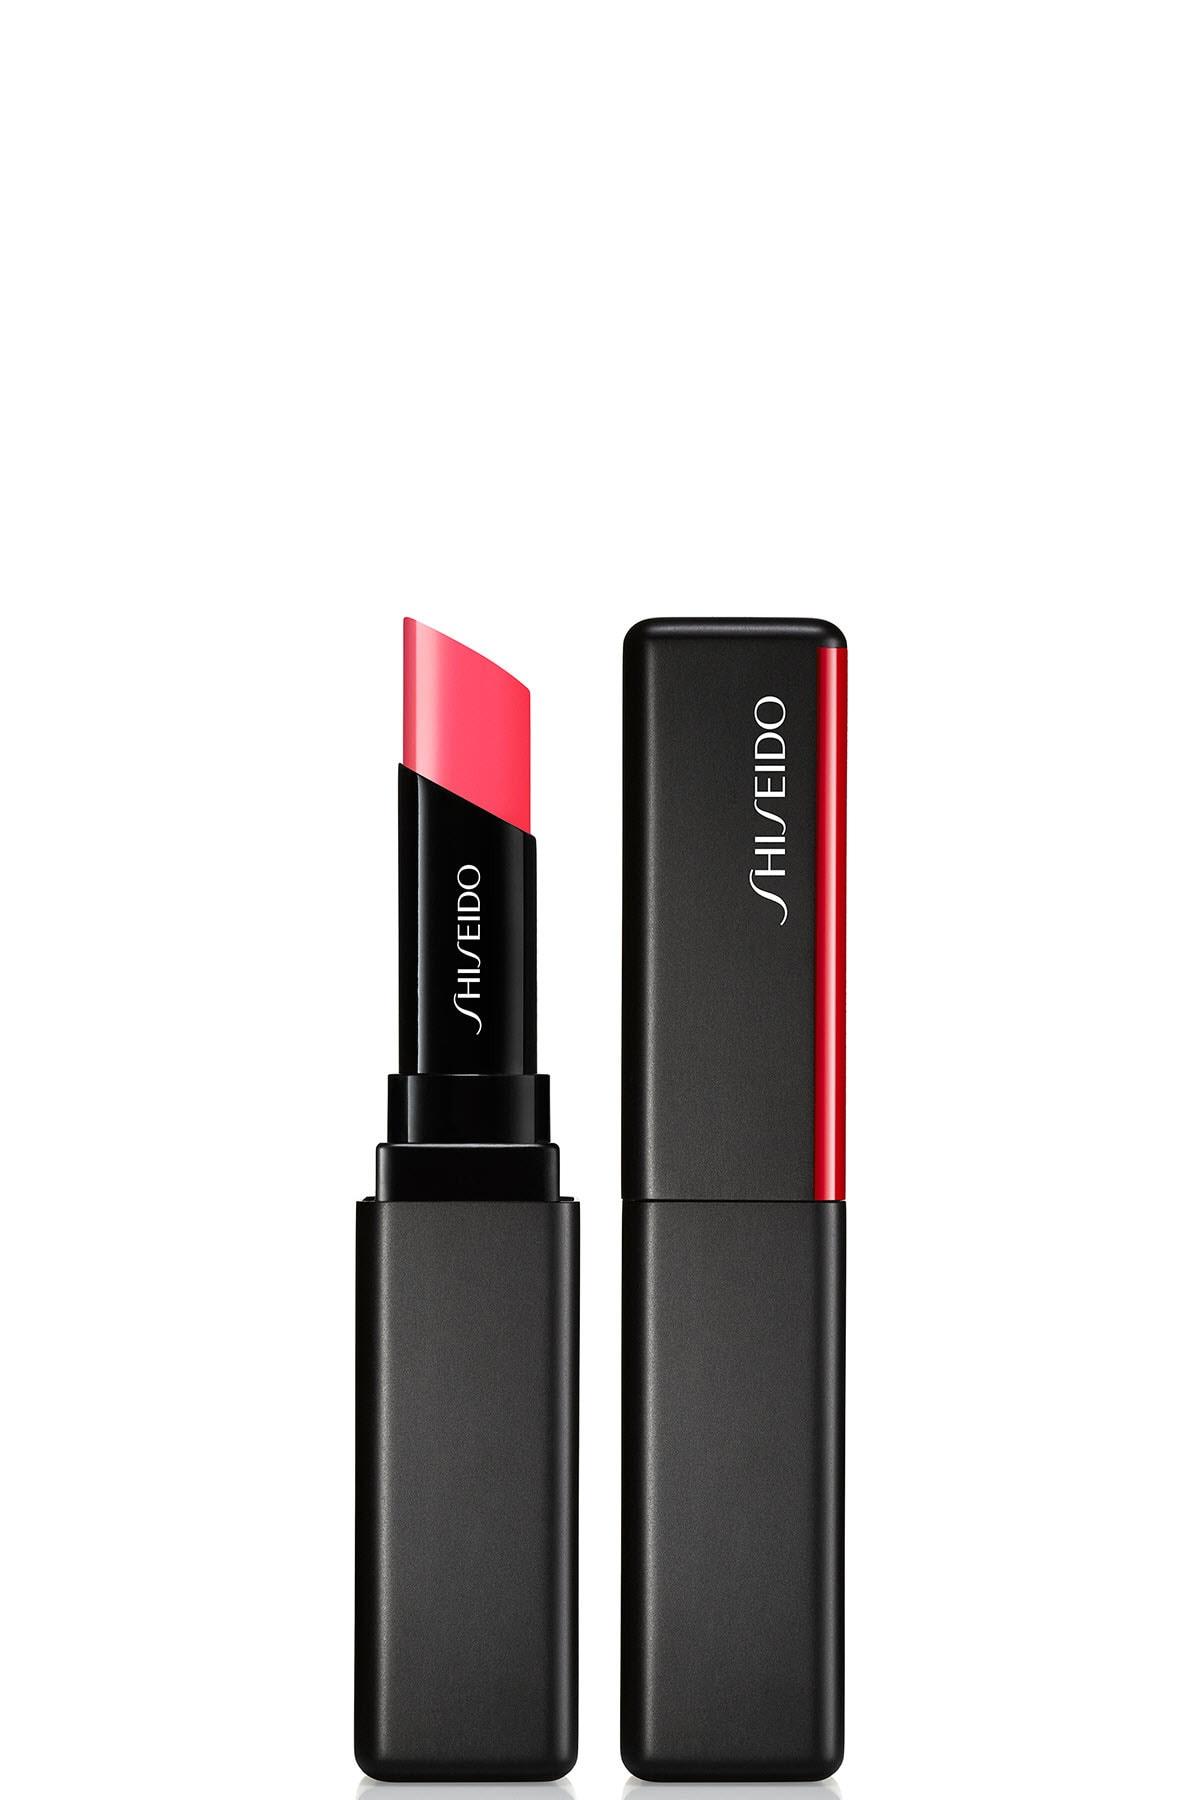 Shiseido Kalıcı Nemlendirici Ruj - SMK Visionairy Gel Lipstick 217 729238151949